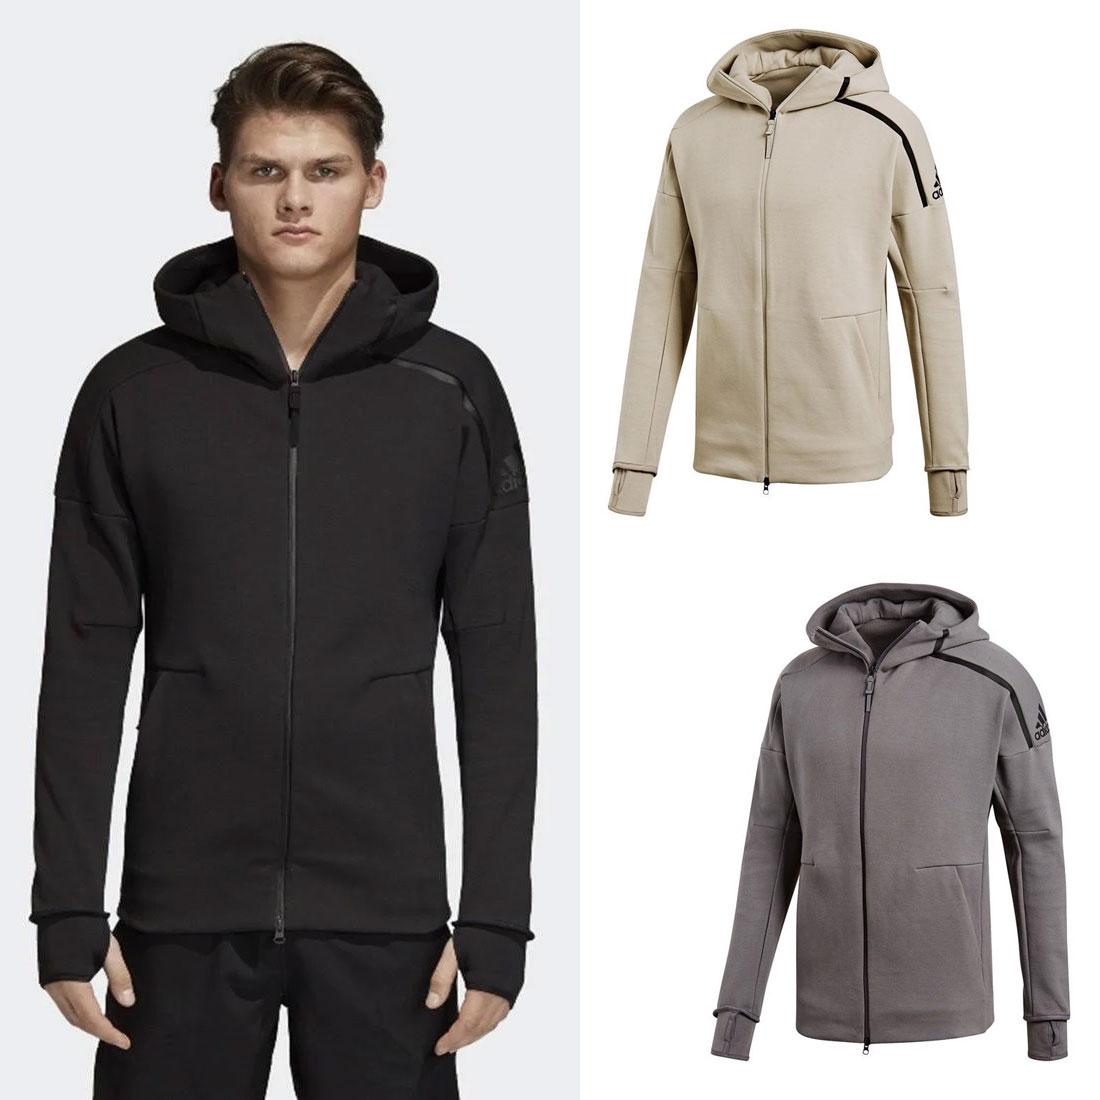 adidas ZNE hoodie -50% + met code gratis verzending t.w.v. €9,95 @ Geomix